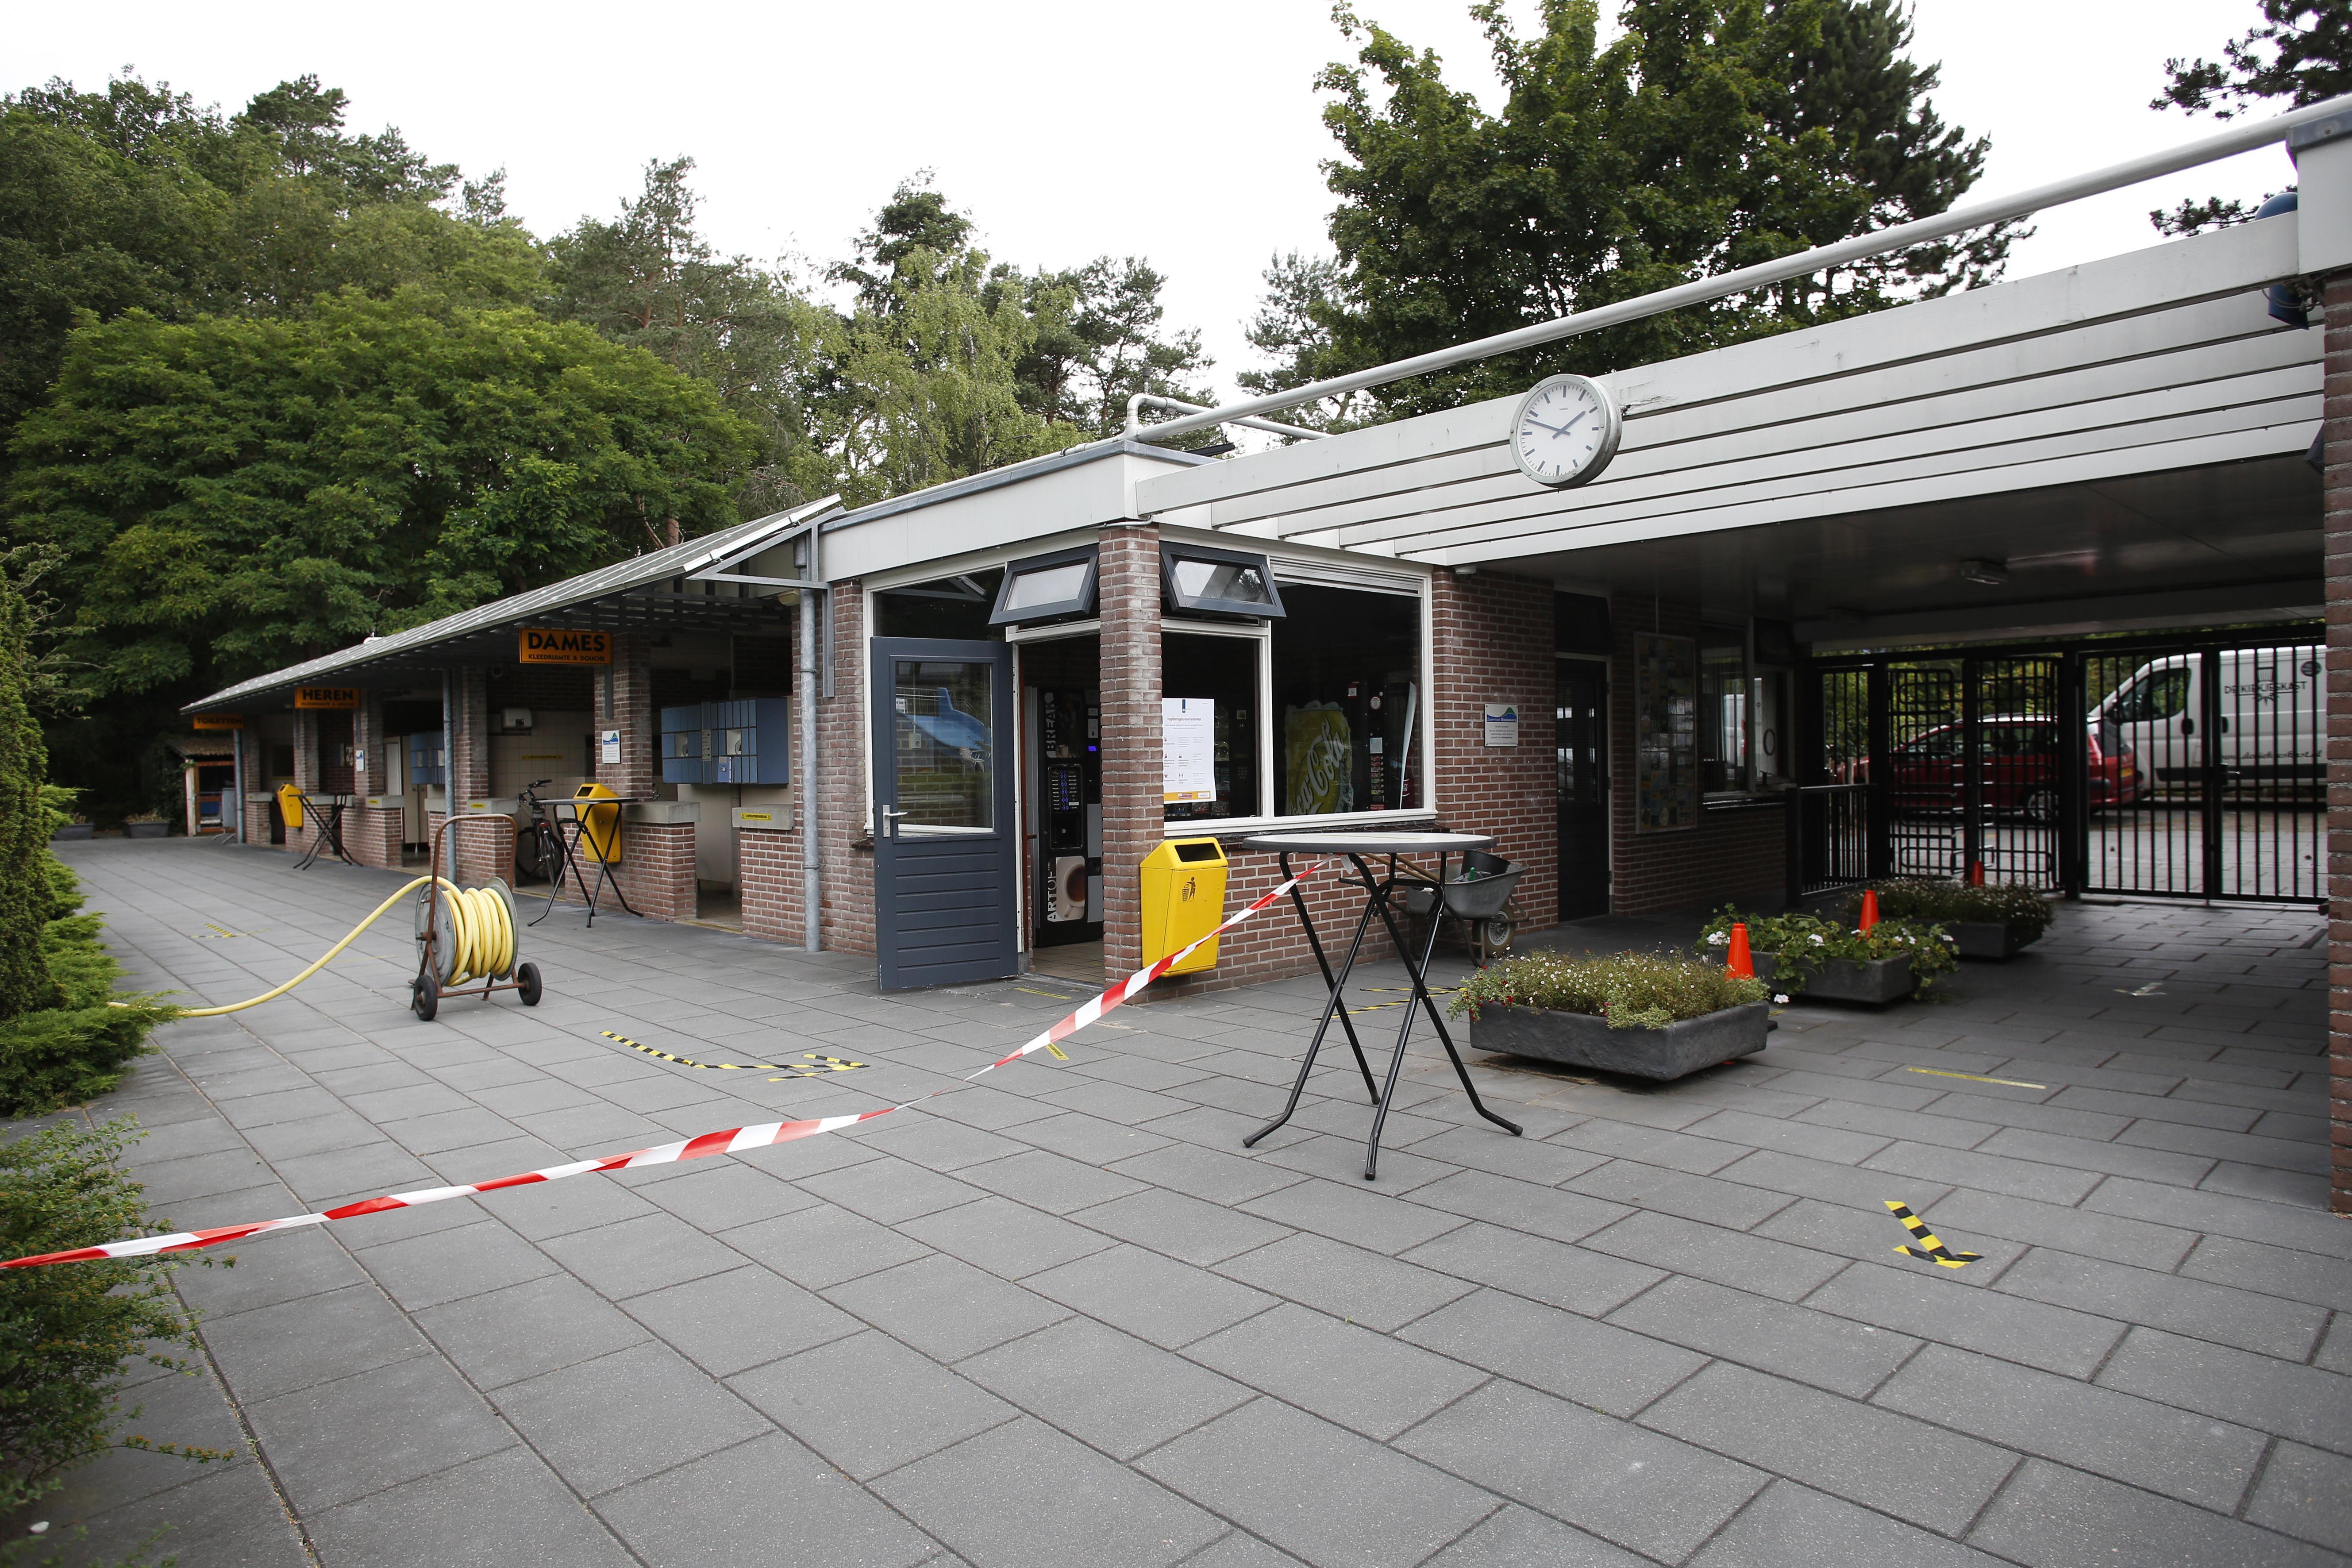 Zwembad Sijsjesberg in Huizen gaat nu dan echt open, maar de regels zijn streng